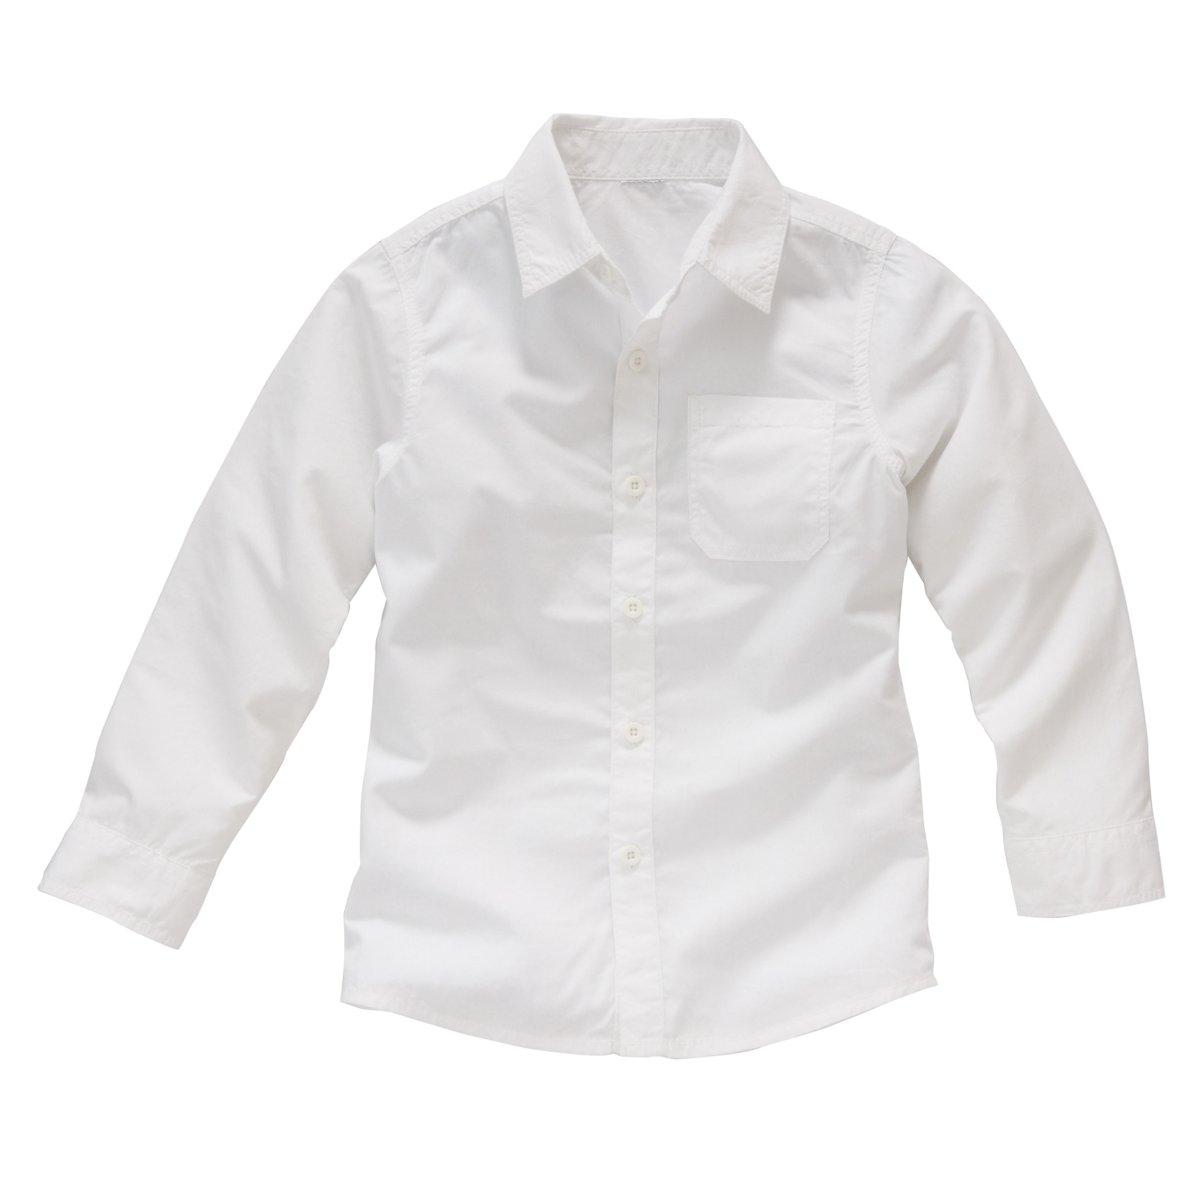 Рубашка стандартного покроя из хлопка для мальчикаОписание  •  Длинные рукава •  Прямой покрой •  Классический воротник Состав и уход  •  100% хлопок •  Машинная стирка при 40 °С •  Сухая чистка и отбеливание запрещены   •  Машинная сушка в деликатном режиме •  Гладить при средней температуре<br><br>Цвет: белый<br>Размер: 3 года - 94 см.4 года - 102 см.6 лет - 114 см